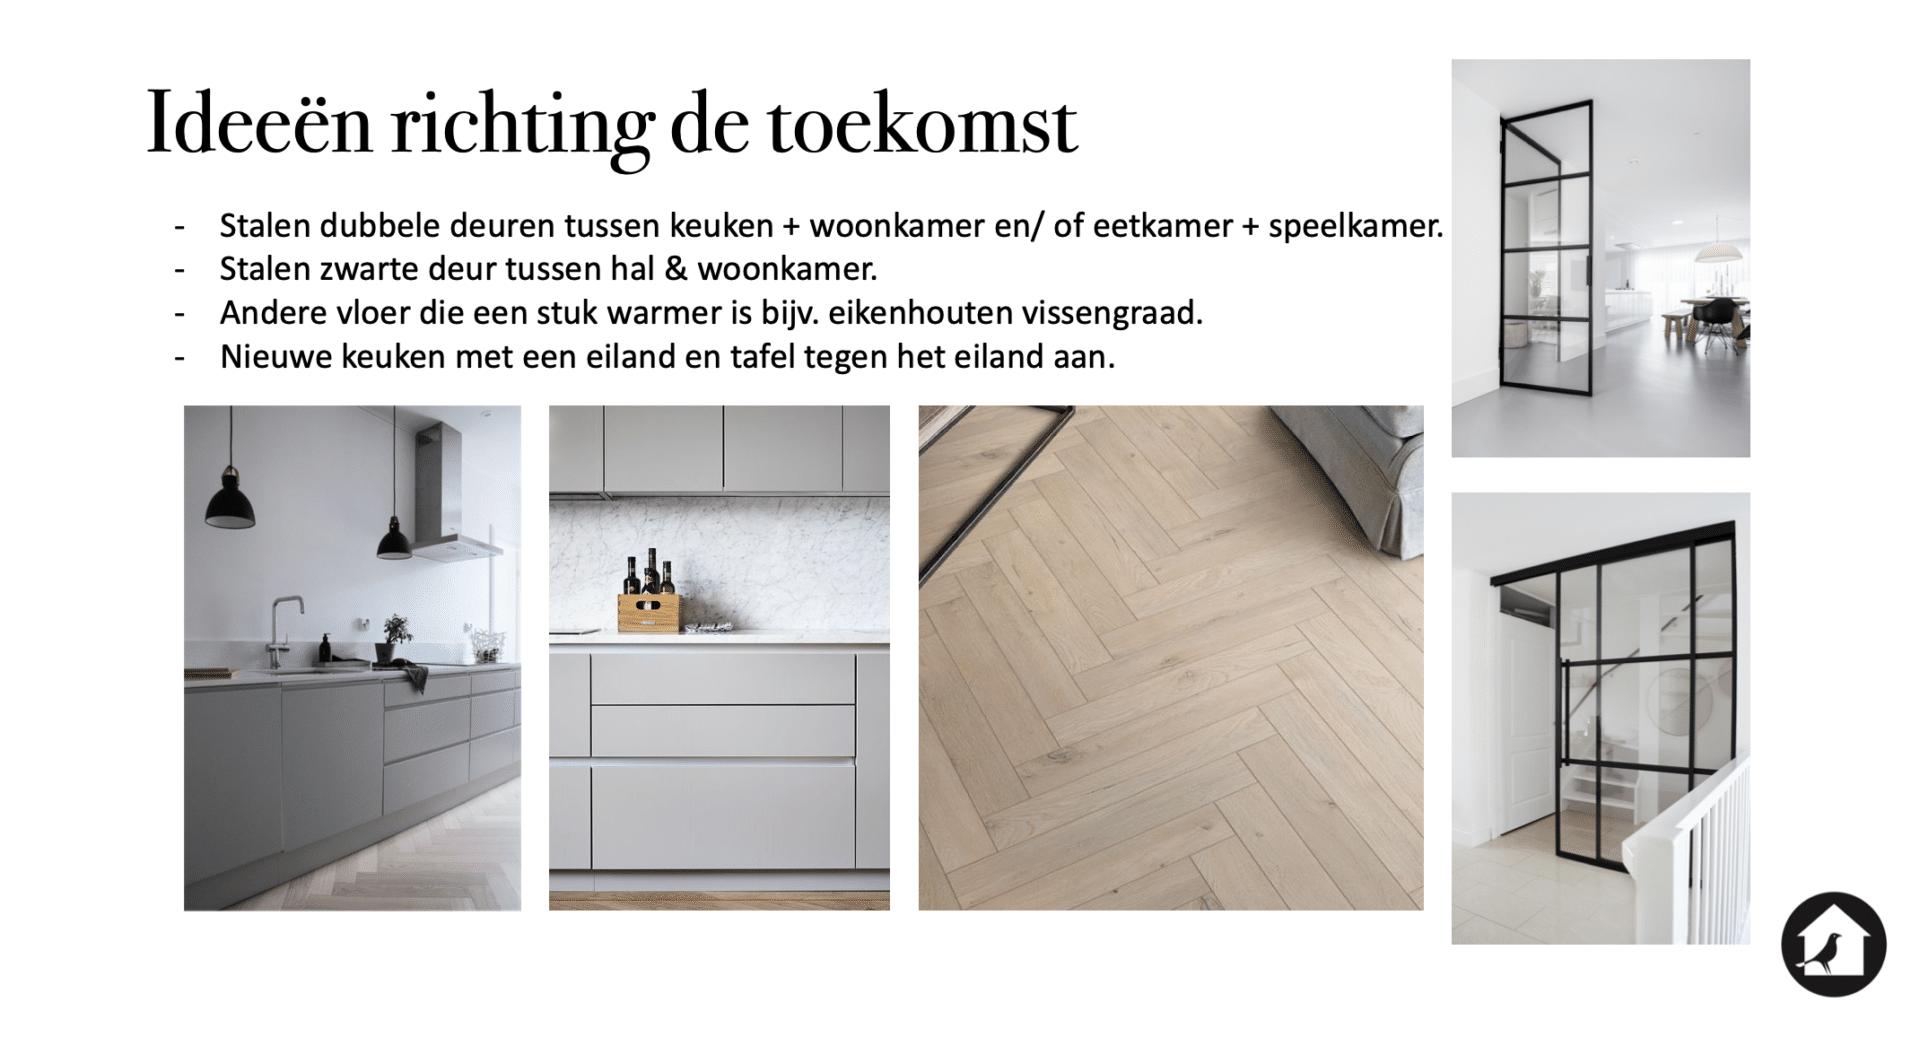 Ideeën lange termijn huis Vught